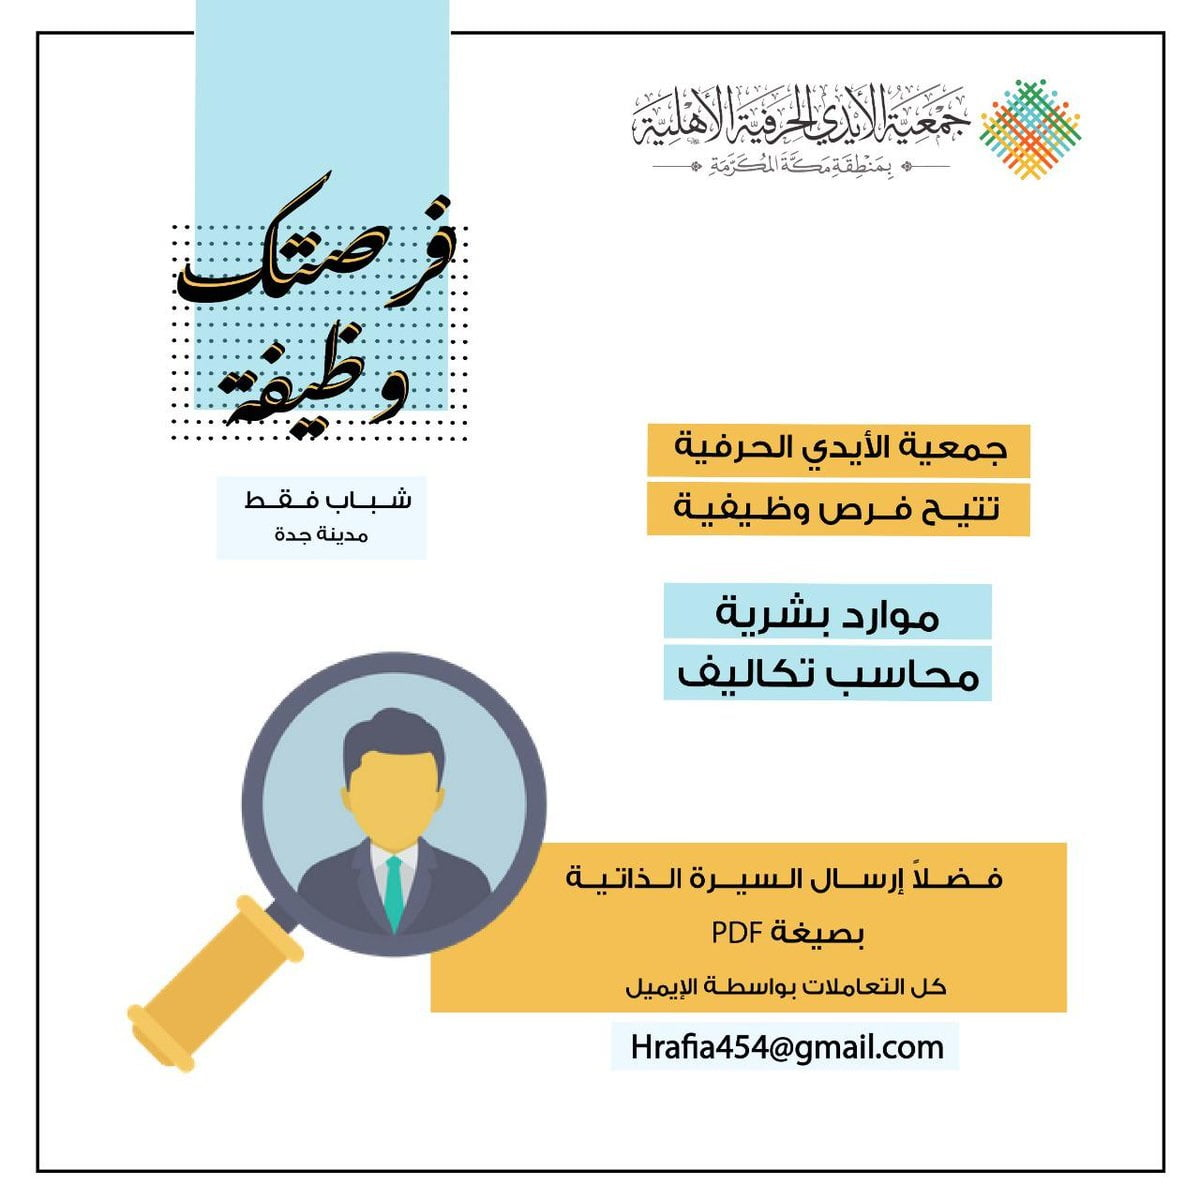 وظائف إدارية شاغرة للعمل بالجمعية بمحافظة جدة لدى جمعية الأيدي الحرفية 3